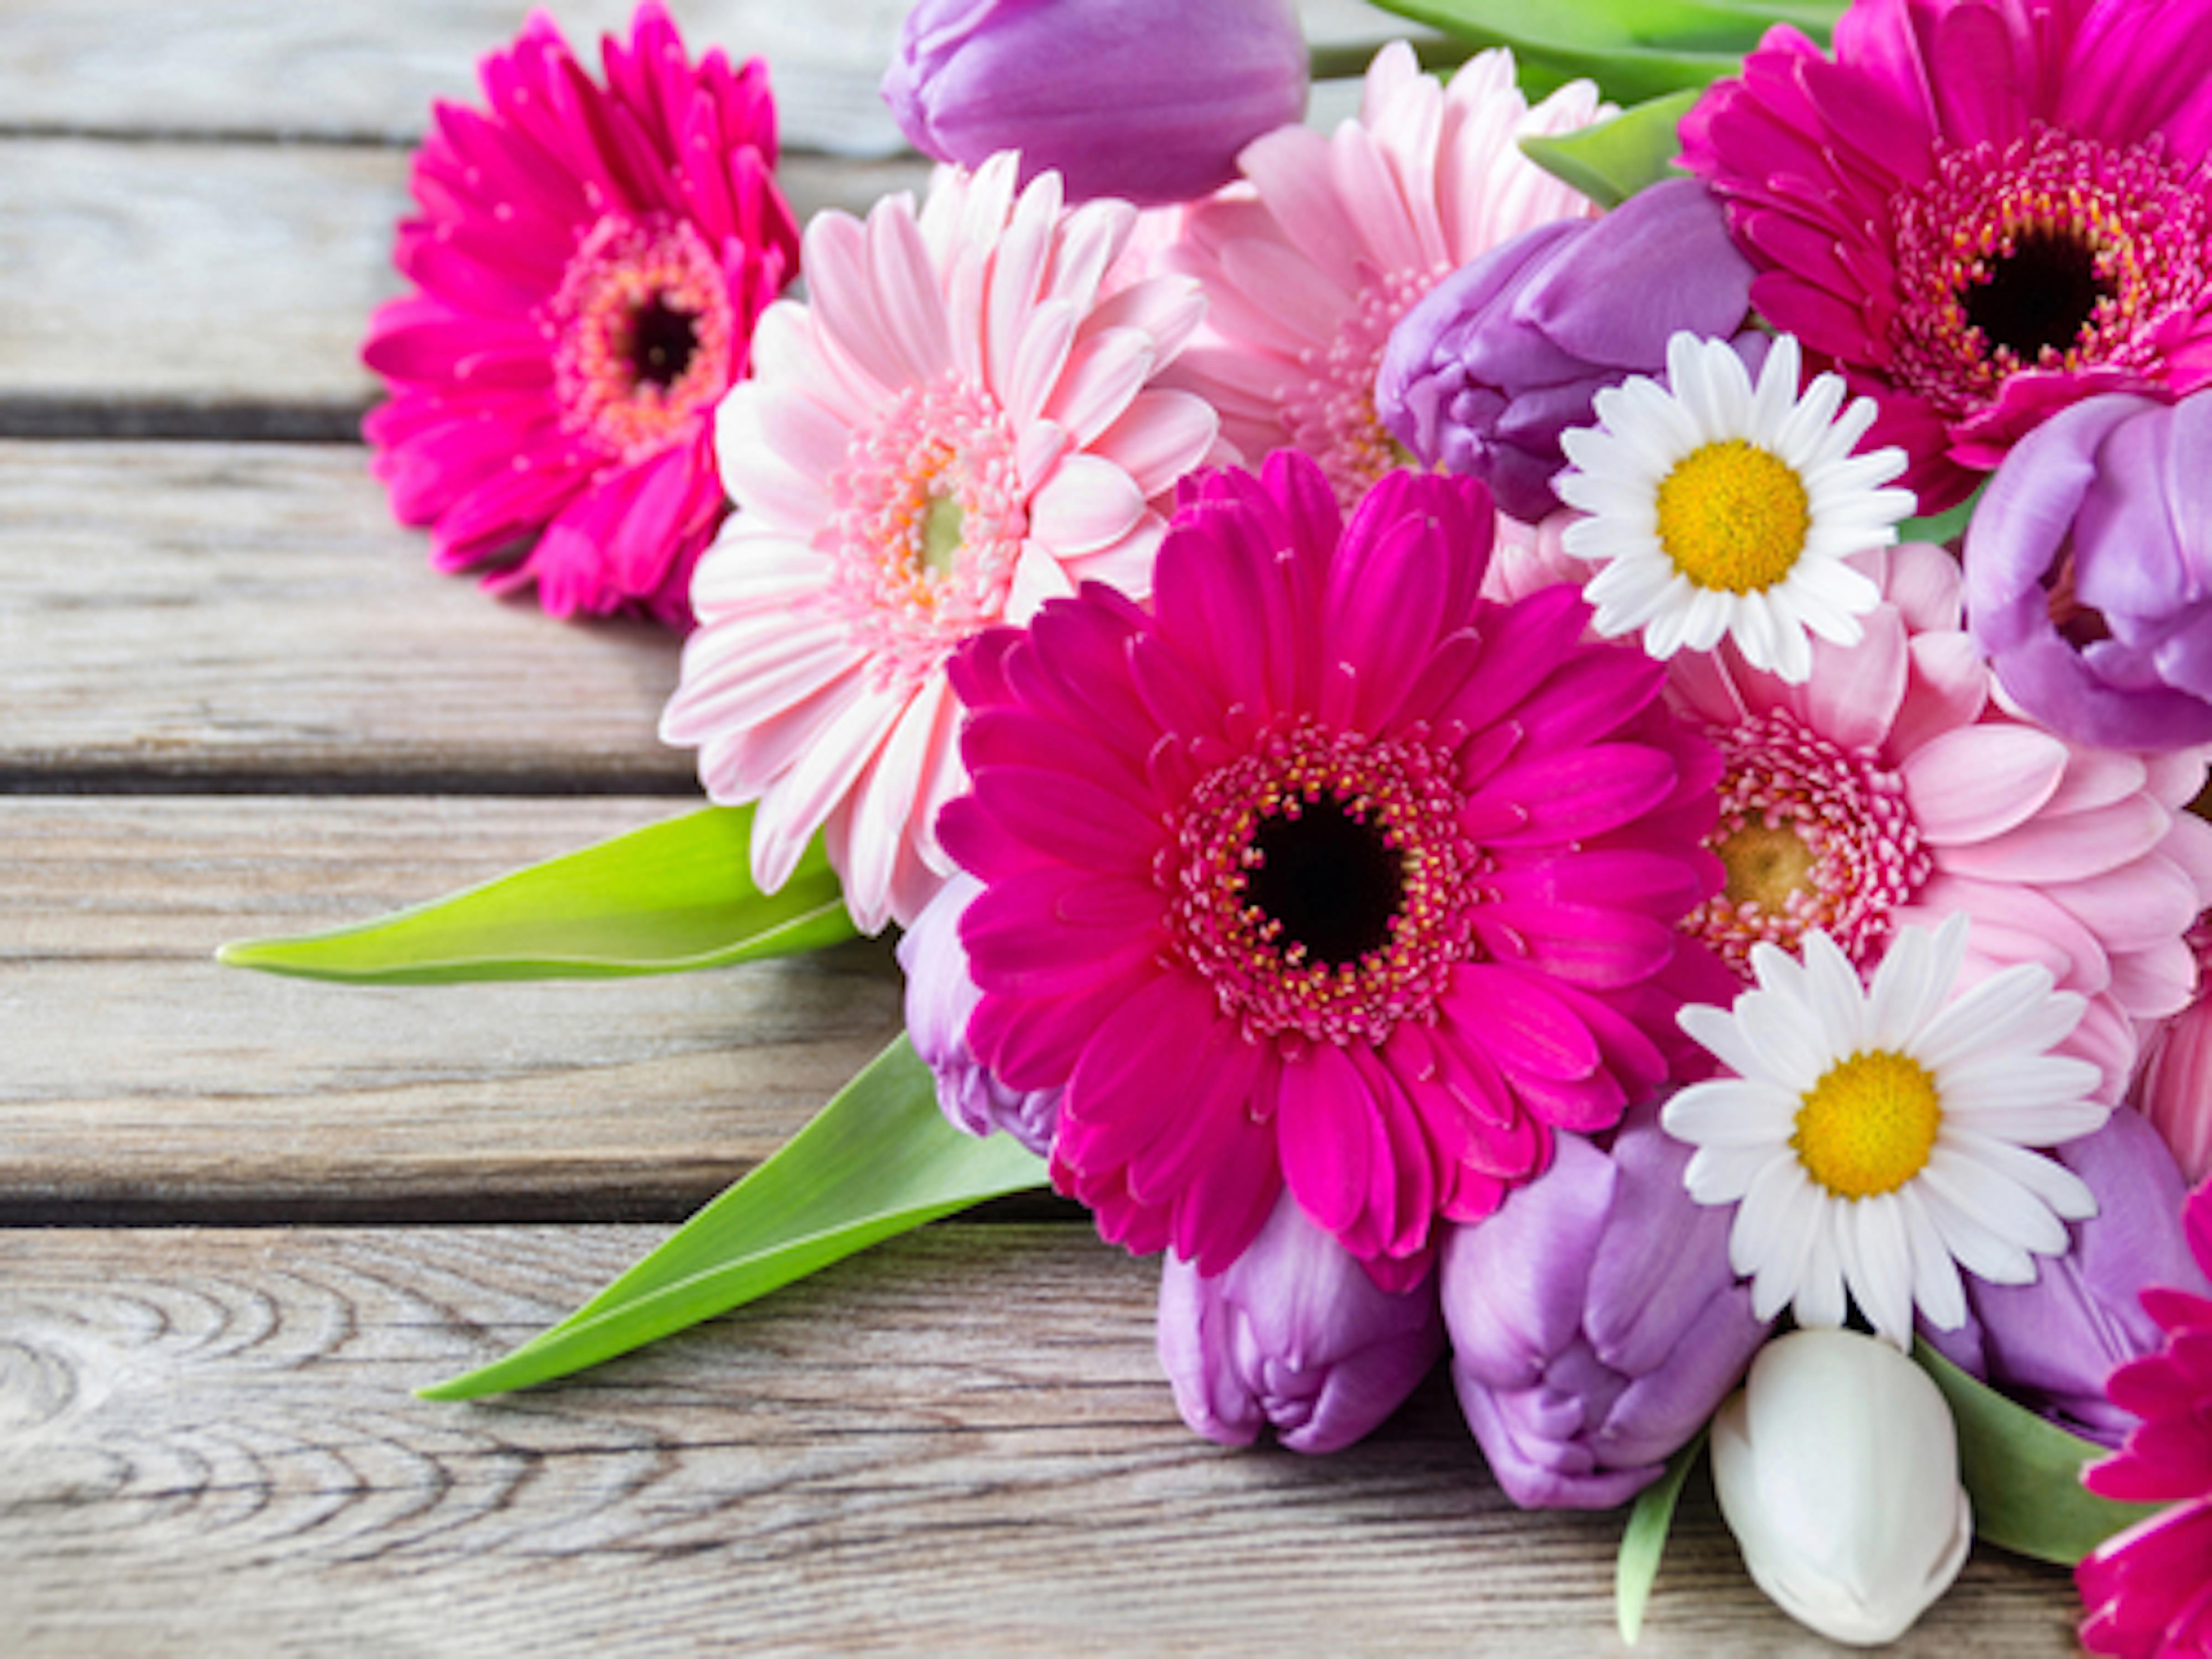 花 寄せ植え ガーベラ